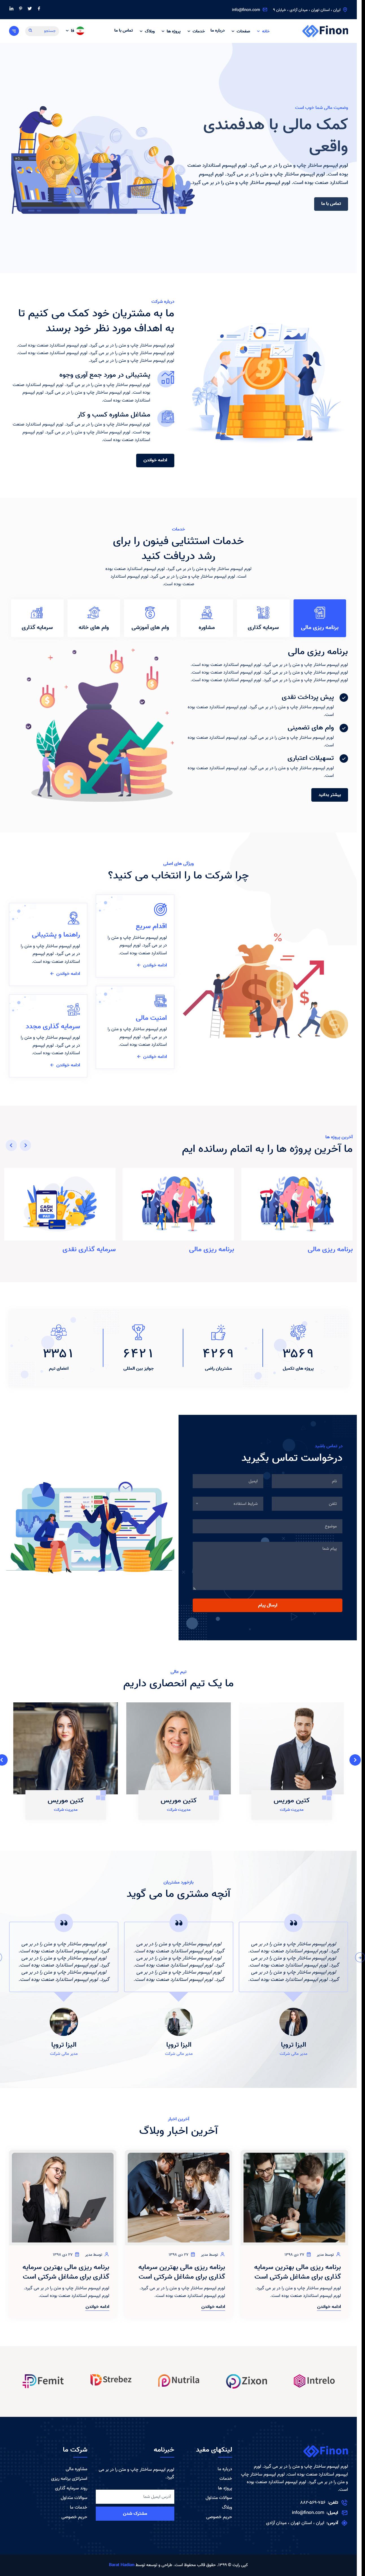 امکانات و ویژگی های قالب HTML شرکتی امور مالی و سرمایه گذاری فینون